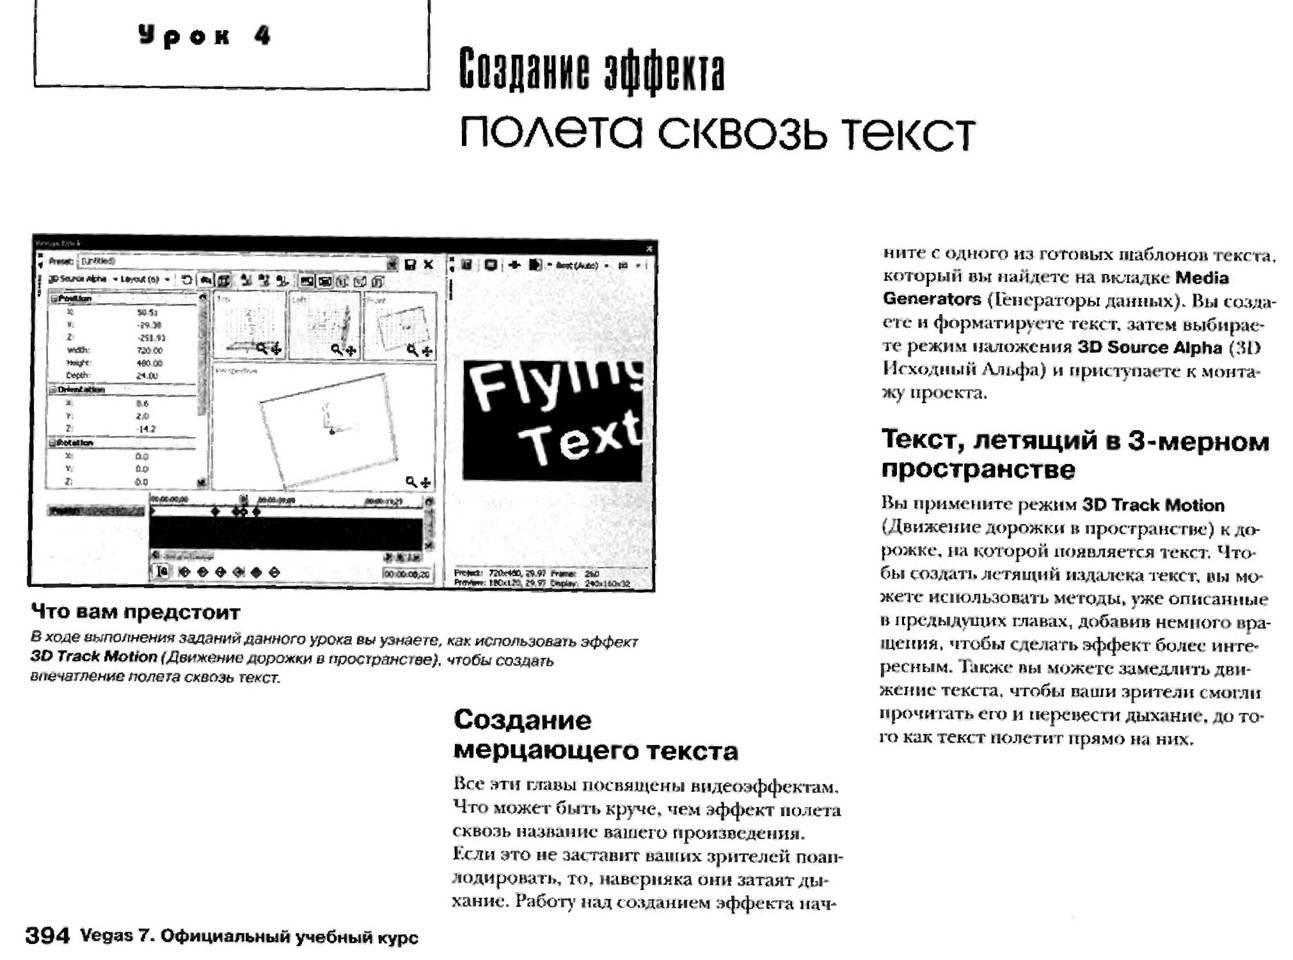 http://redaktori-uroki.3dn.ru/_ph/12/228181146.jpg